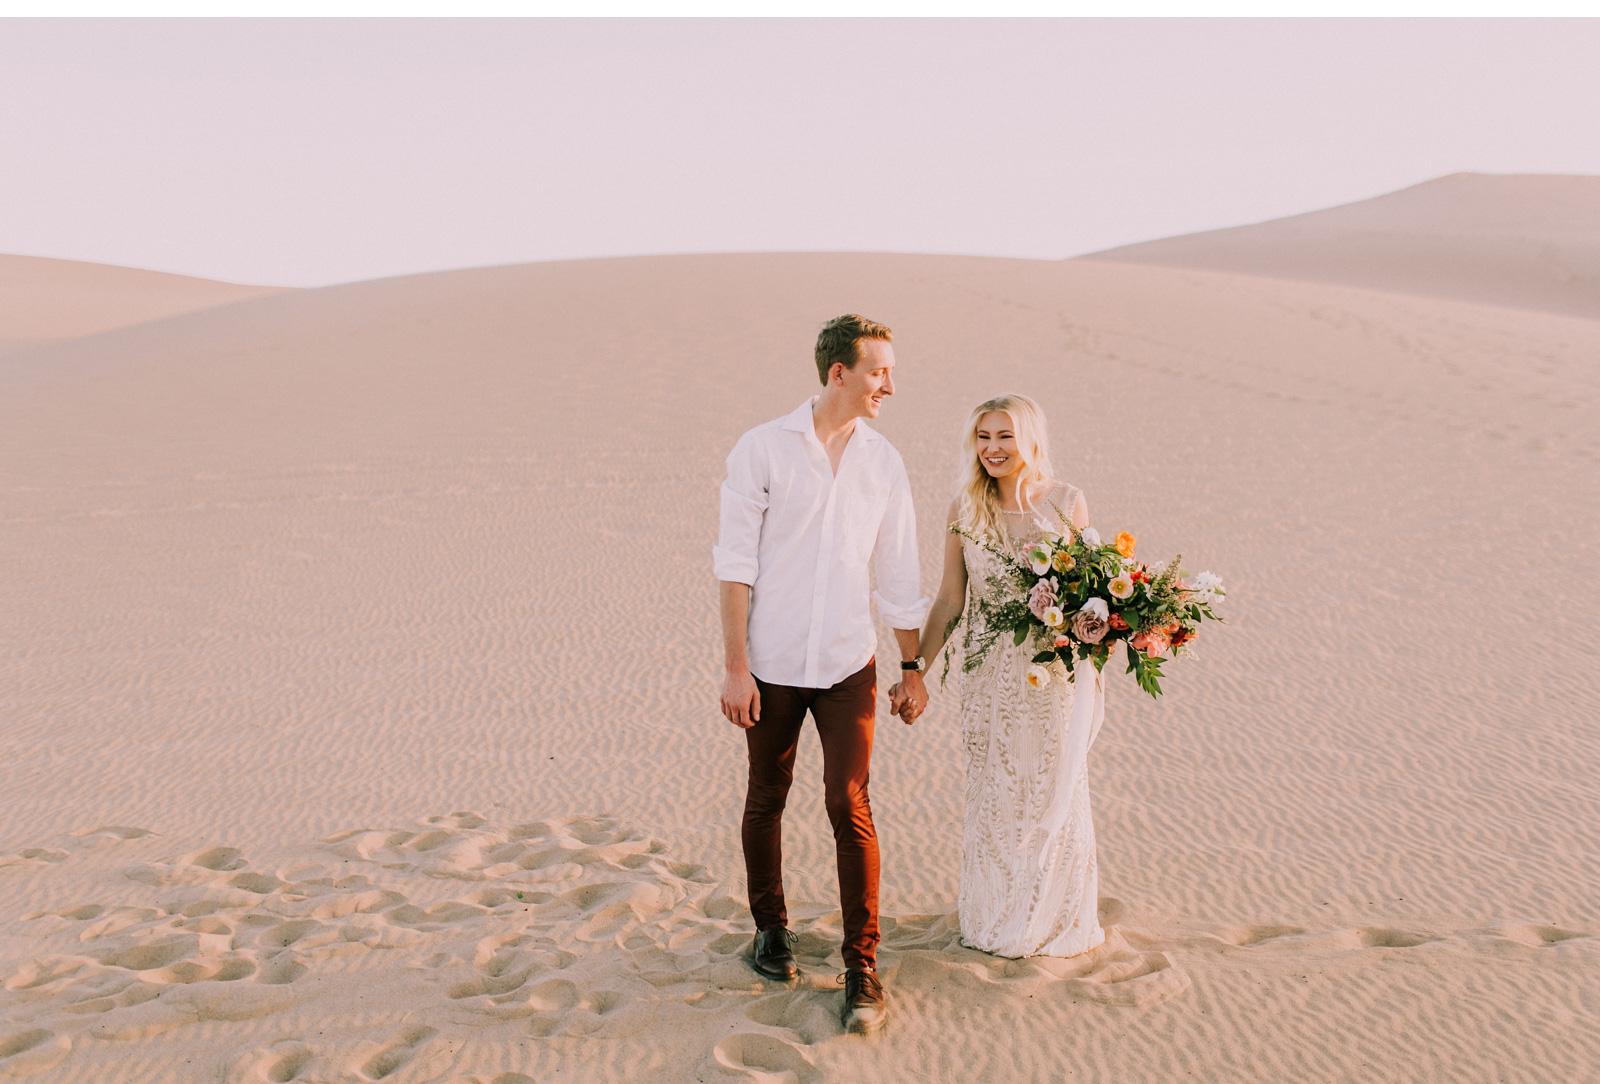 Adventure-Wedding-Green-Wedding-Shoes-Natalie-Schutt-Photography_09.jpg